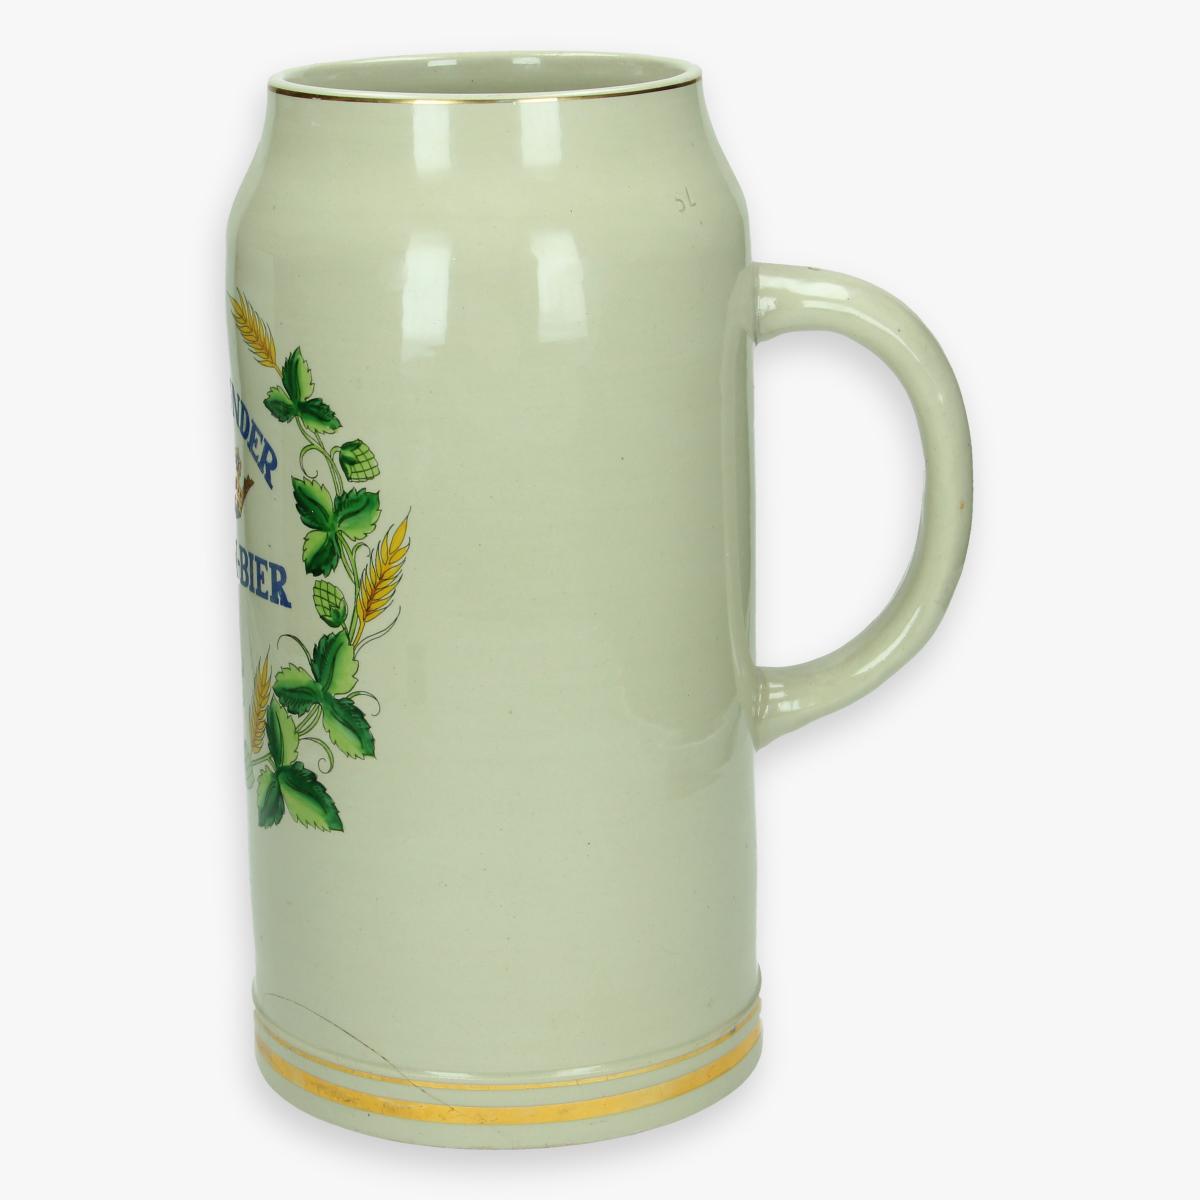 Afbeeldingen van grote bierbeker dortmunder kronen - bier